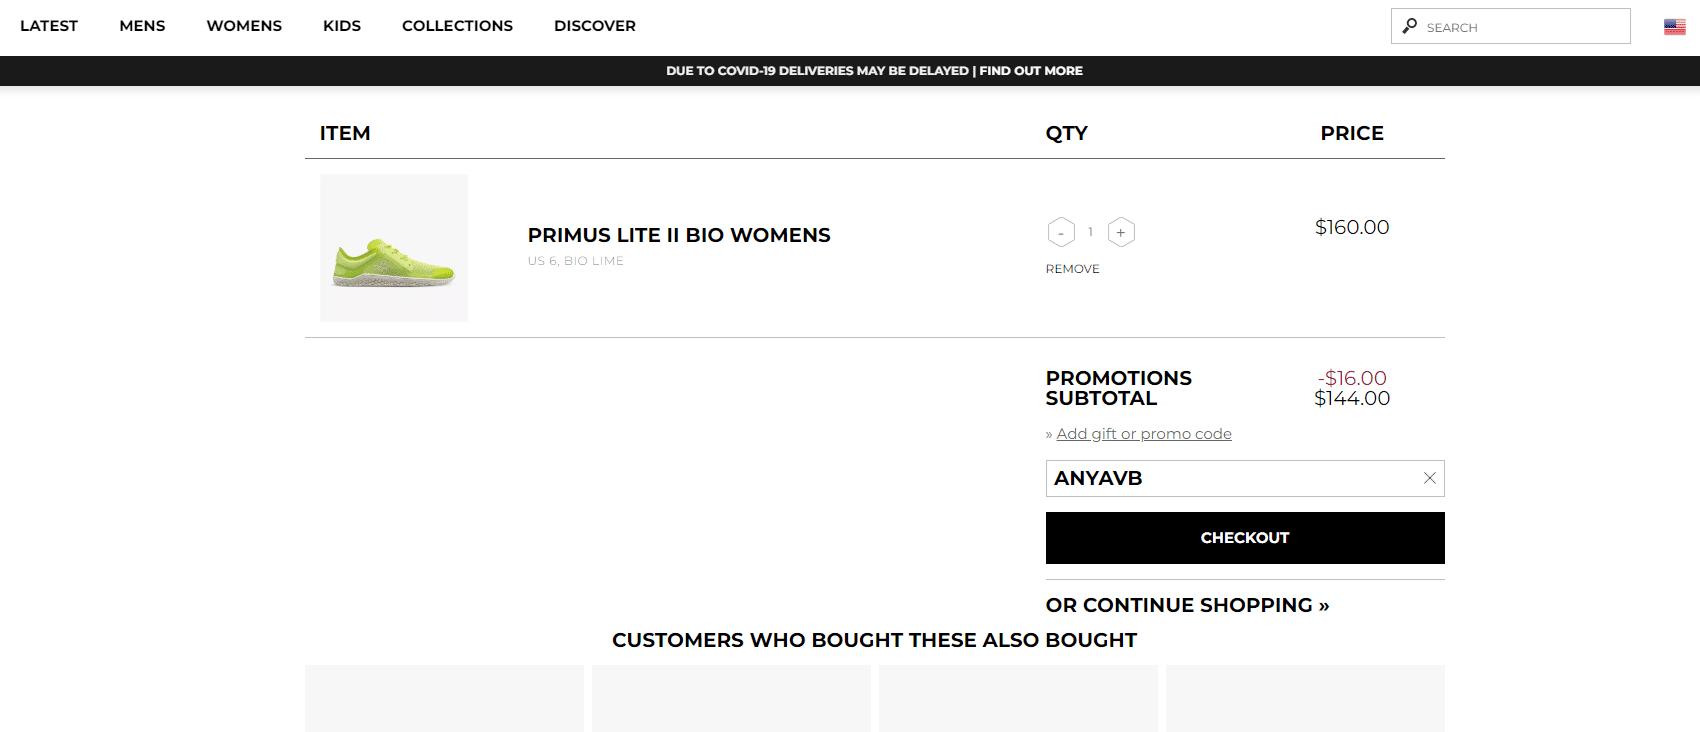 vivobarefoot.com 10% OFF promo code